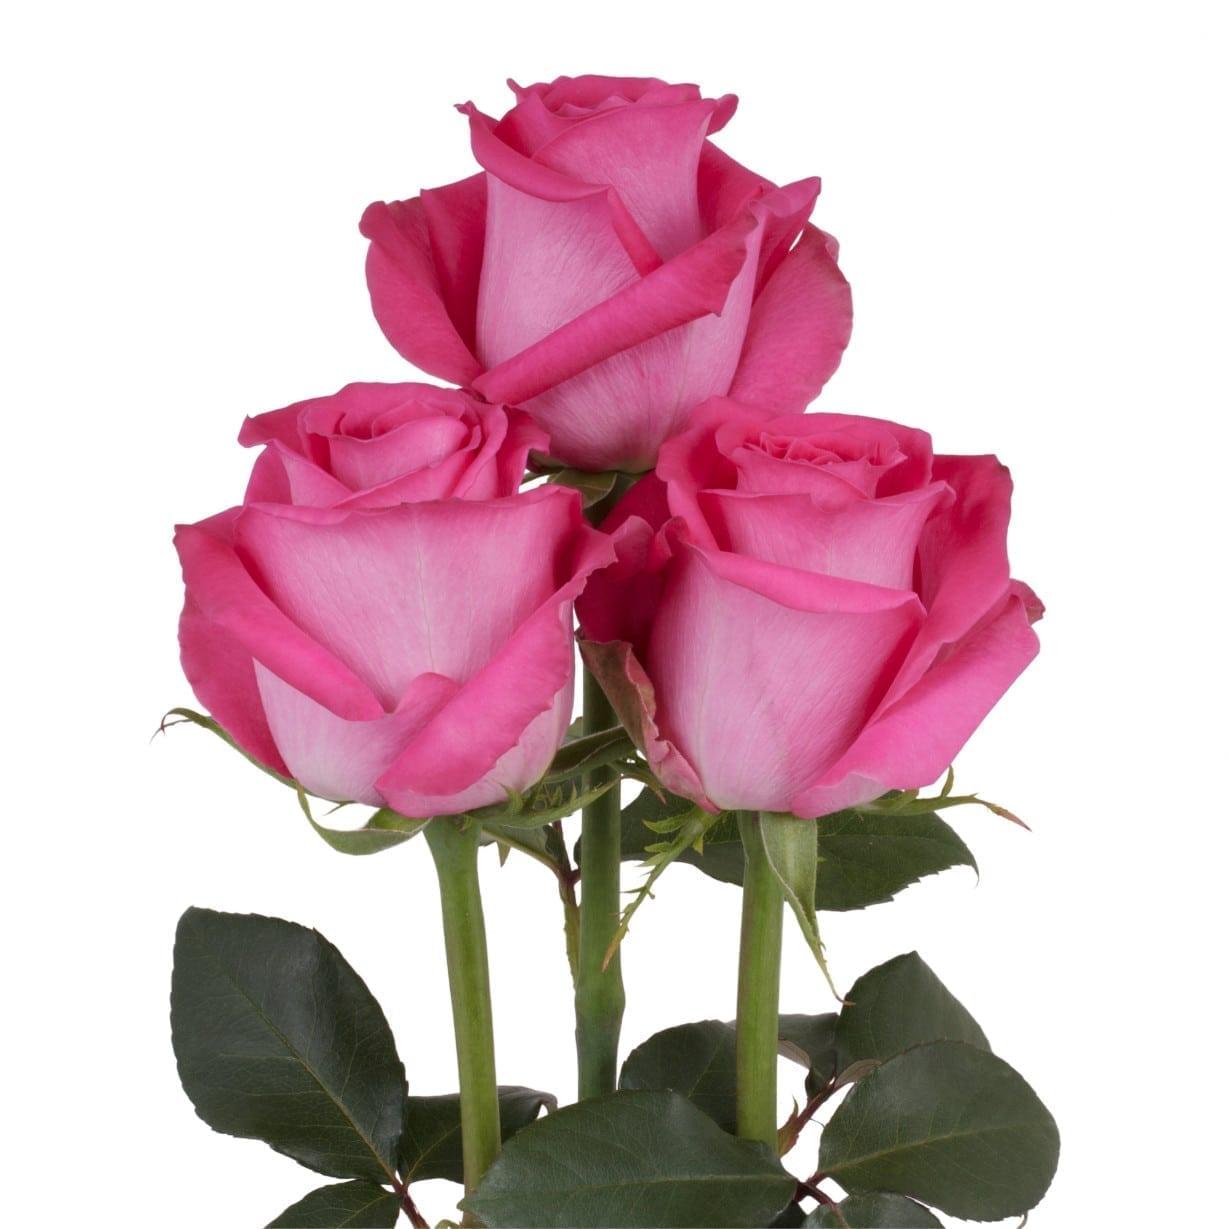 последний год роза топаз фото интерьер добавит фигурный